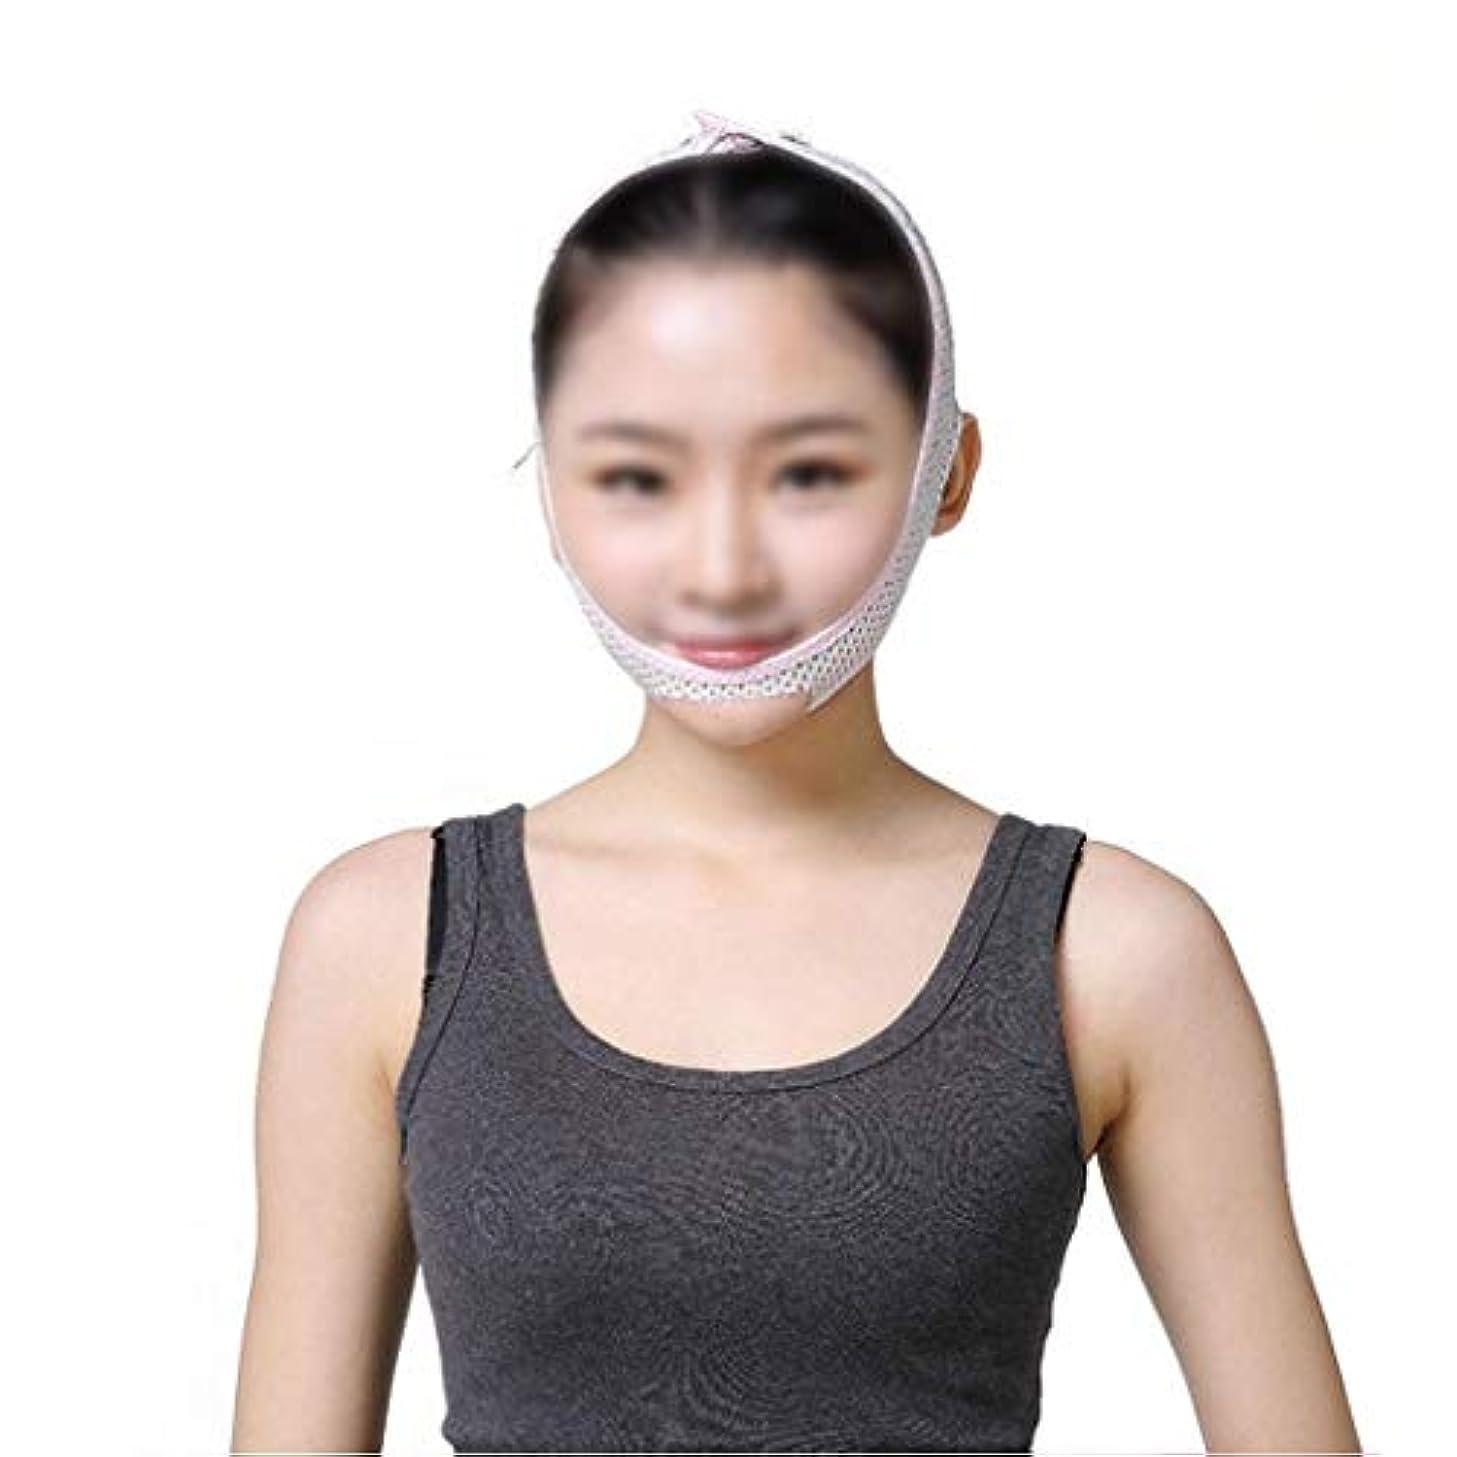 豪華な殺す成長フェイスリフティングマスク、快適で リフティングスキンファーミングスリープシンフェイスアーティファクトアンチリンクル/リムーブダブルチン/術後回復マスク(サイズ:M)